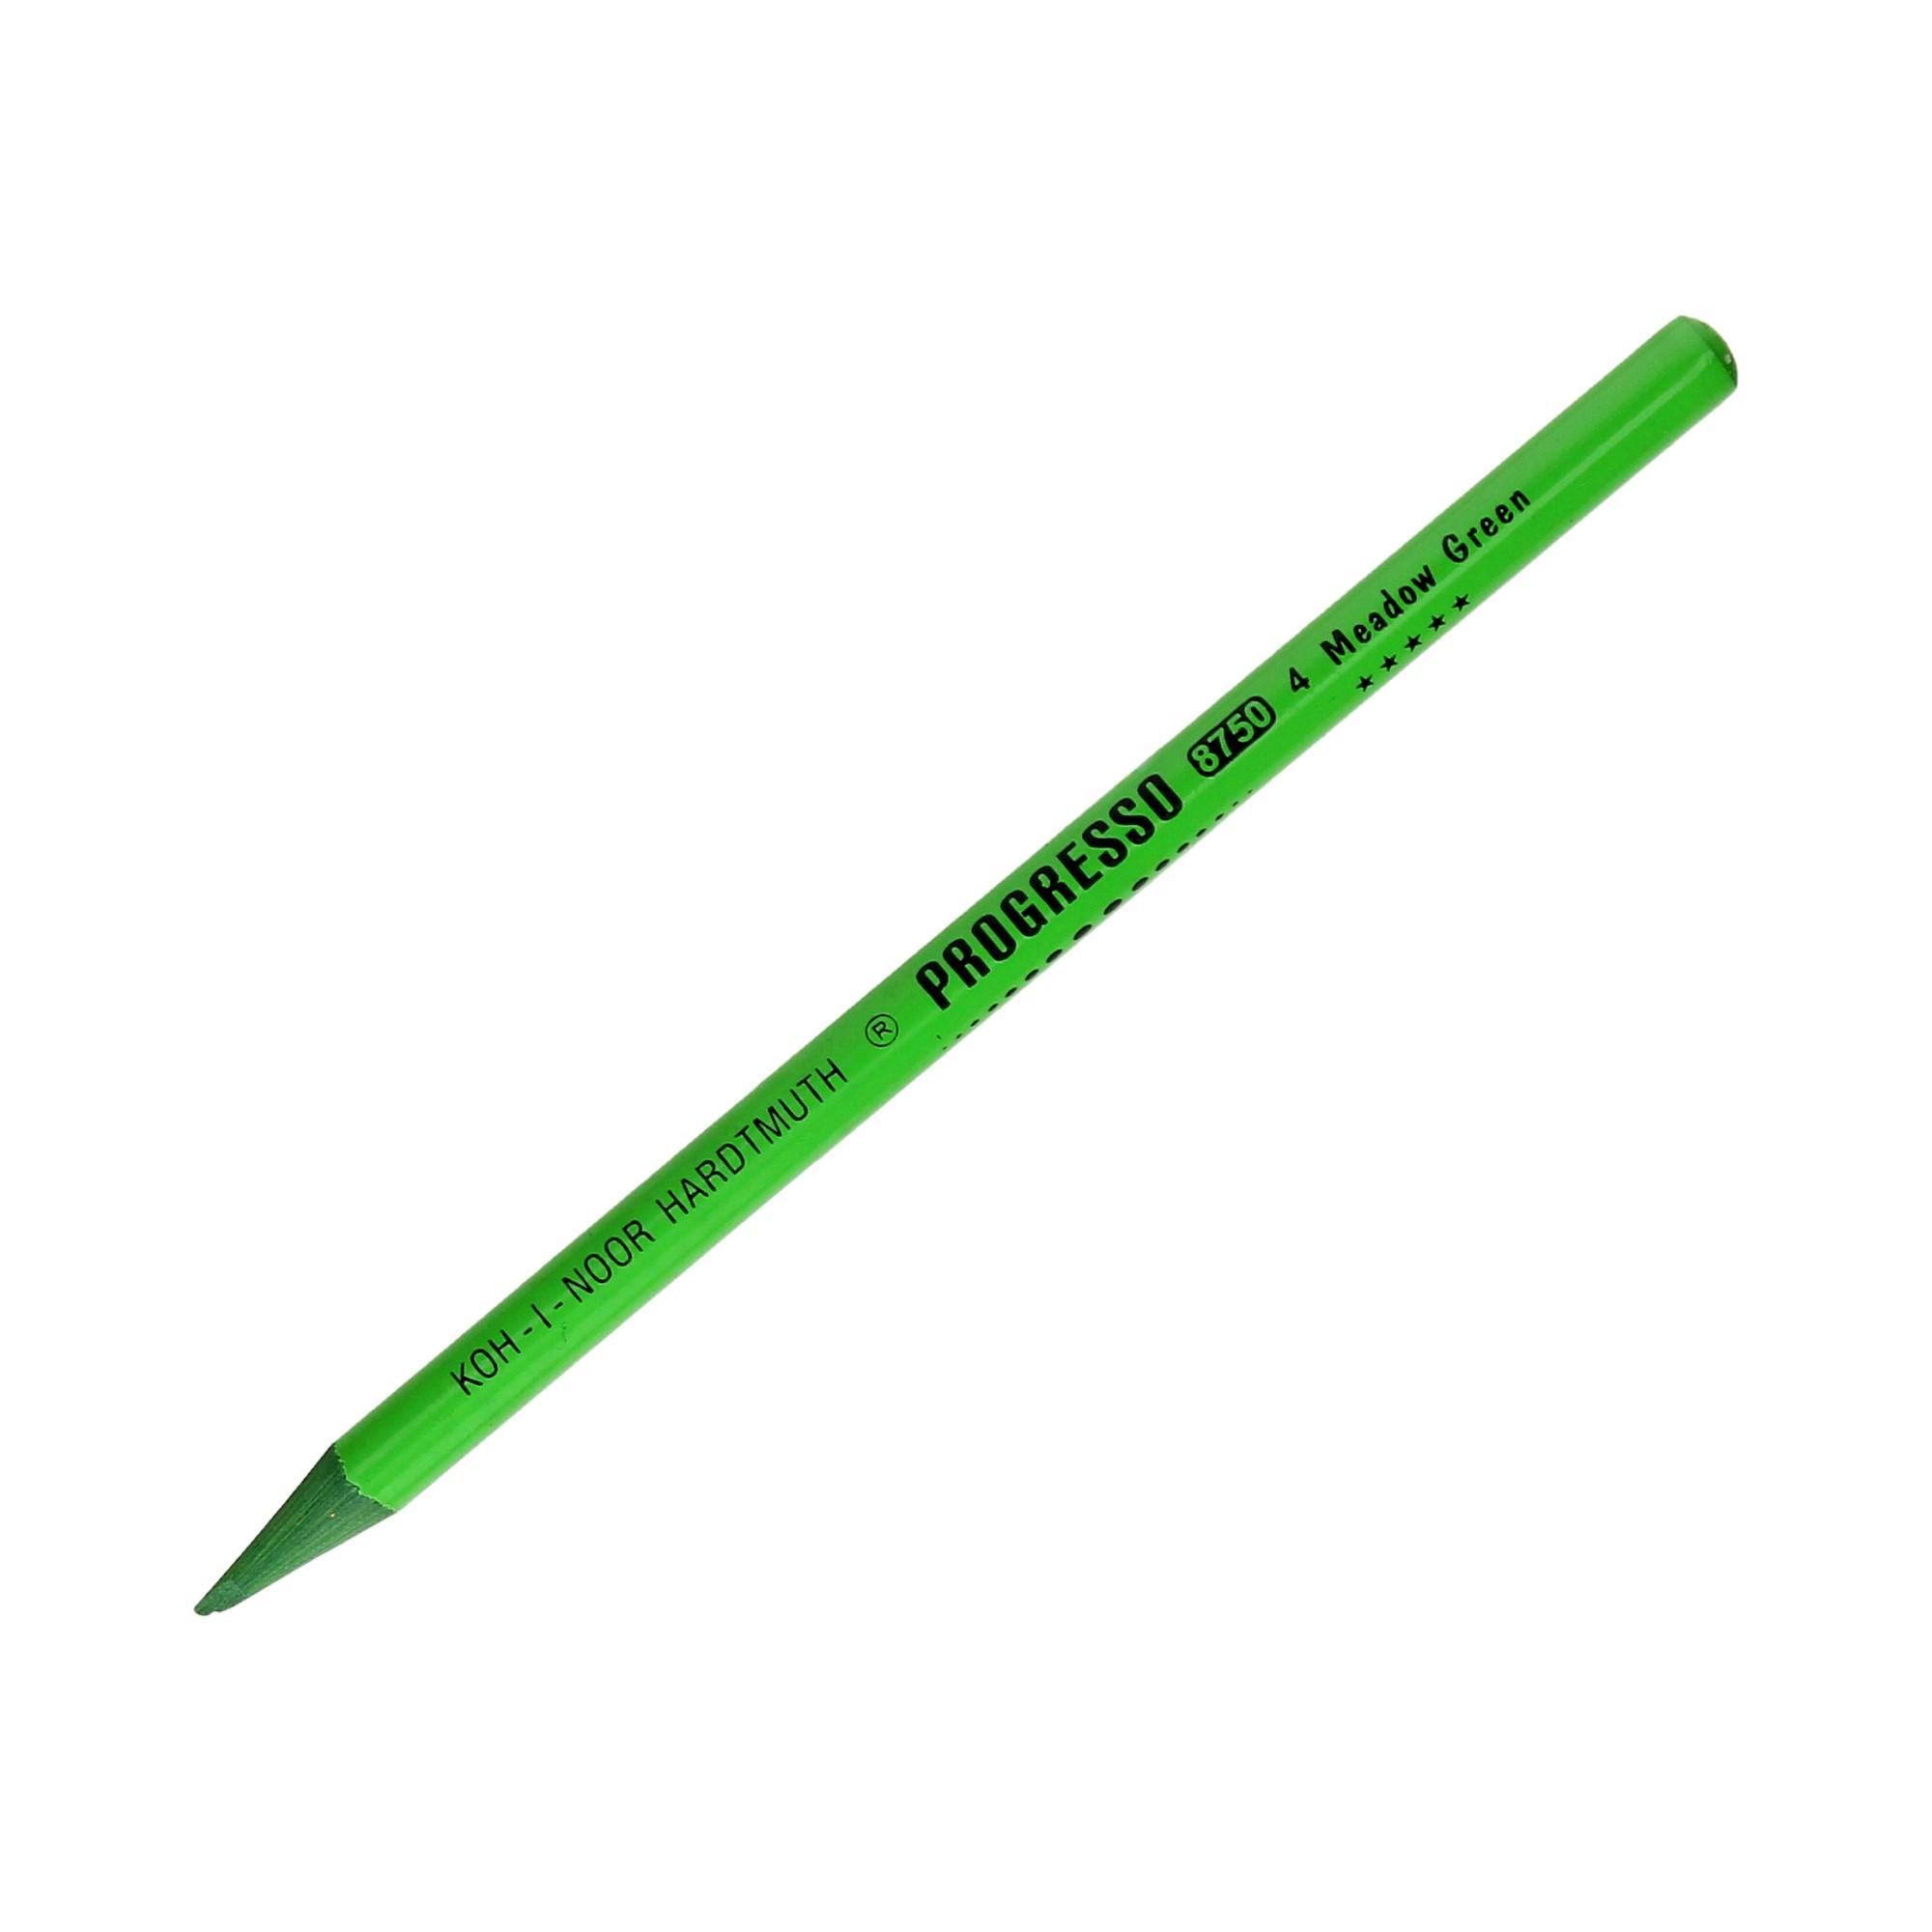 Kredka ołówkowa bezdrzewna zielona Progresso KIN 8750/04